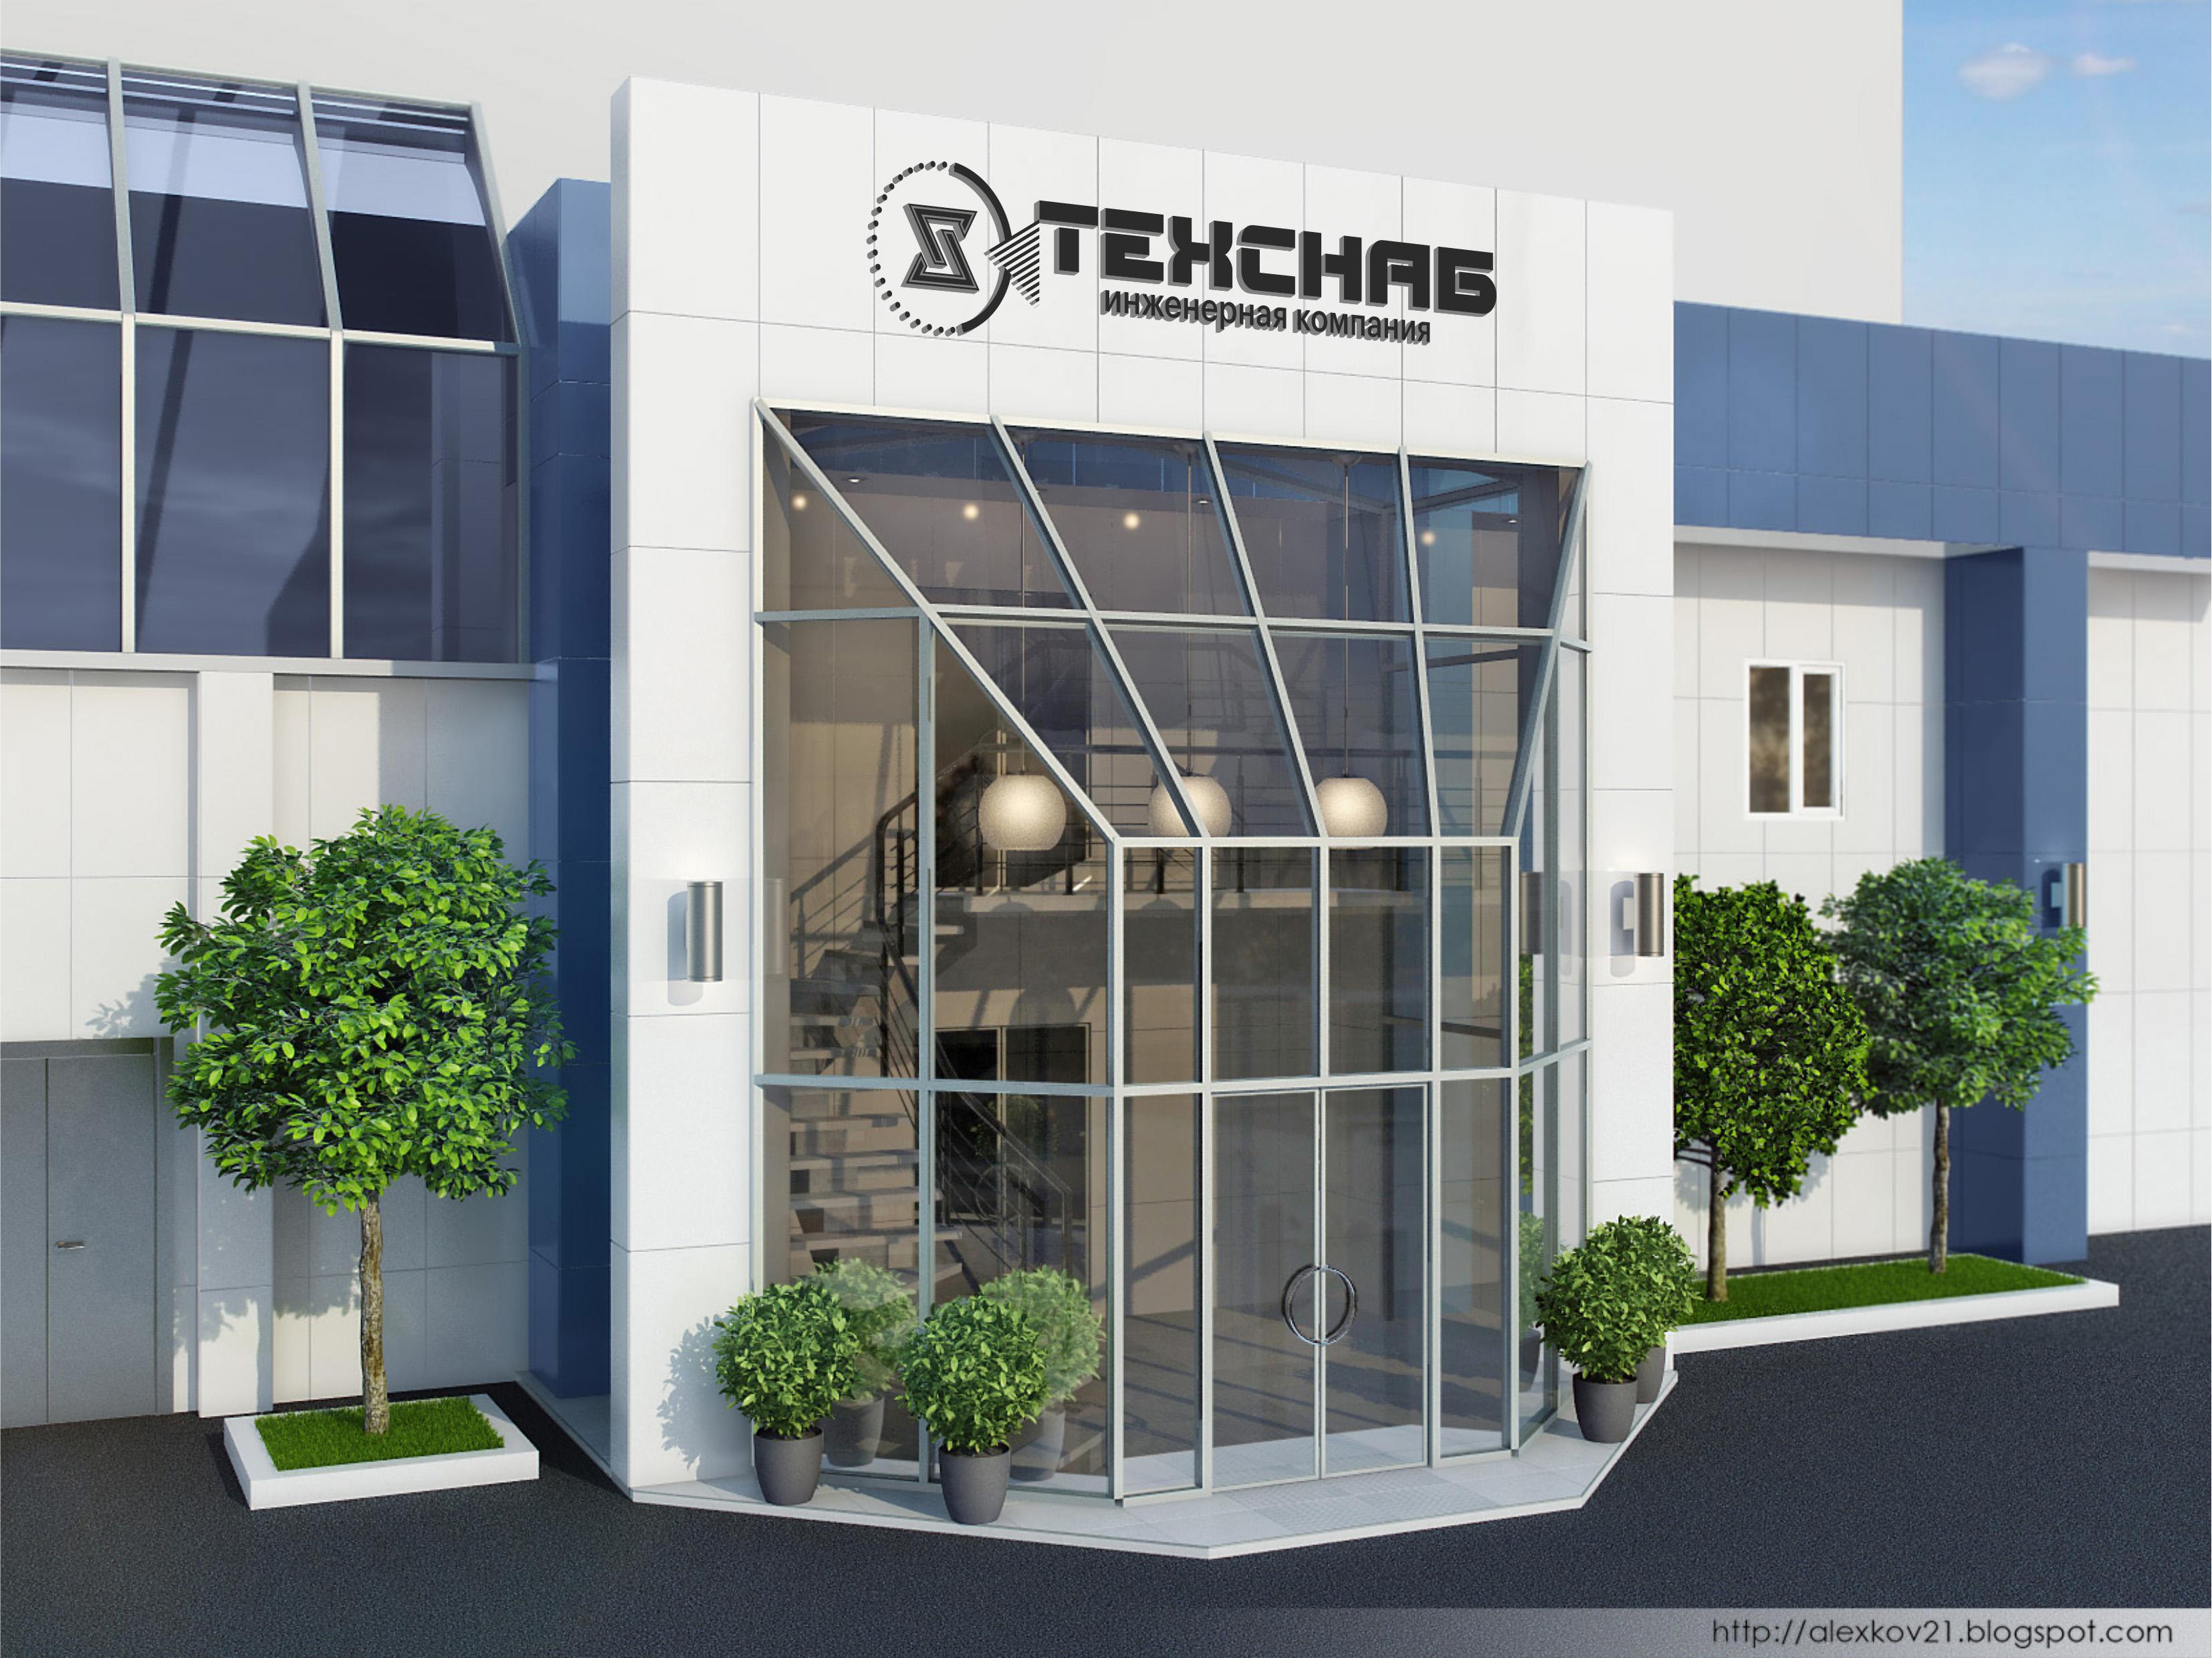 Разработка логотипа и фирм. стиля компании  ТЕХСНАБ фото f_1665b1eb4e1ae578.jpg